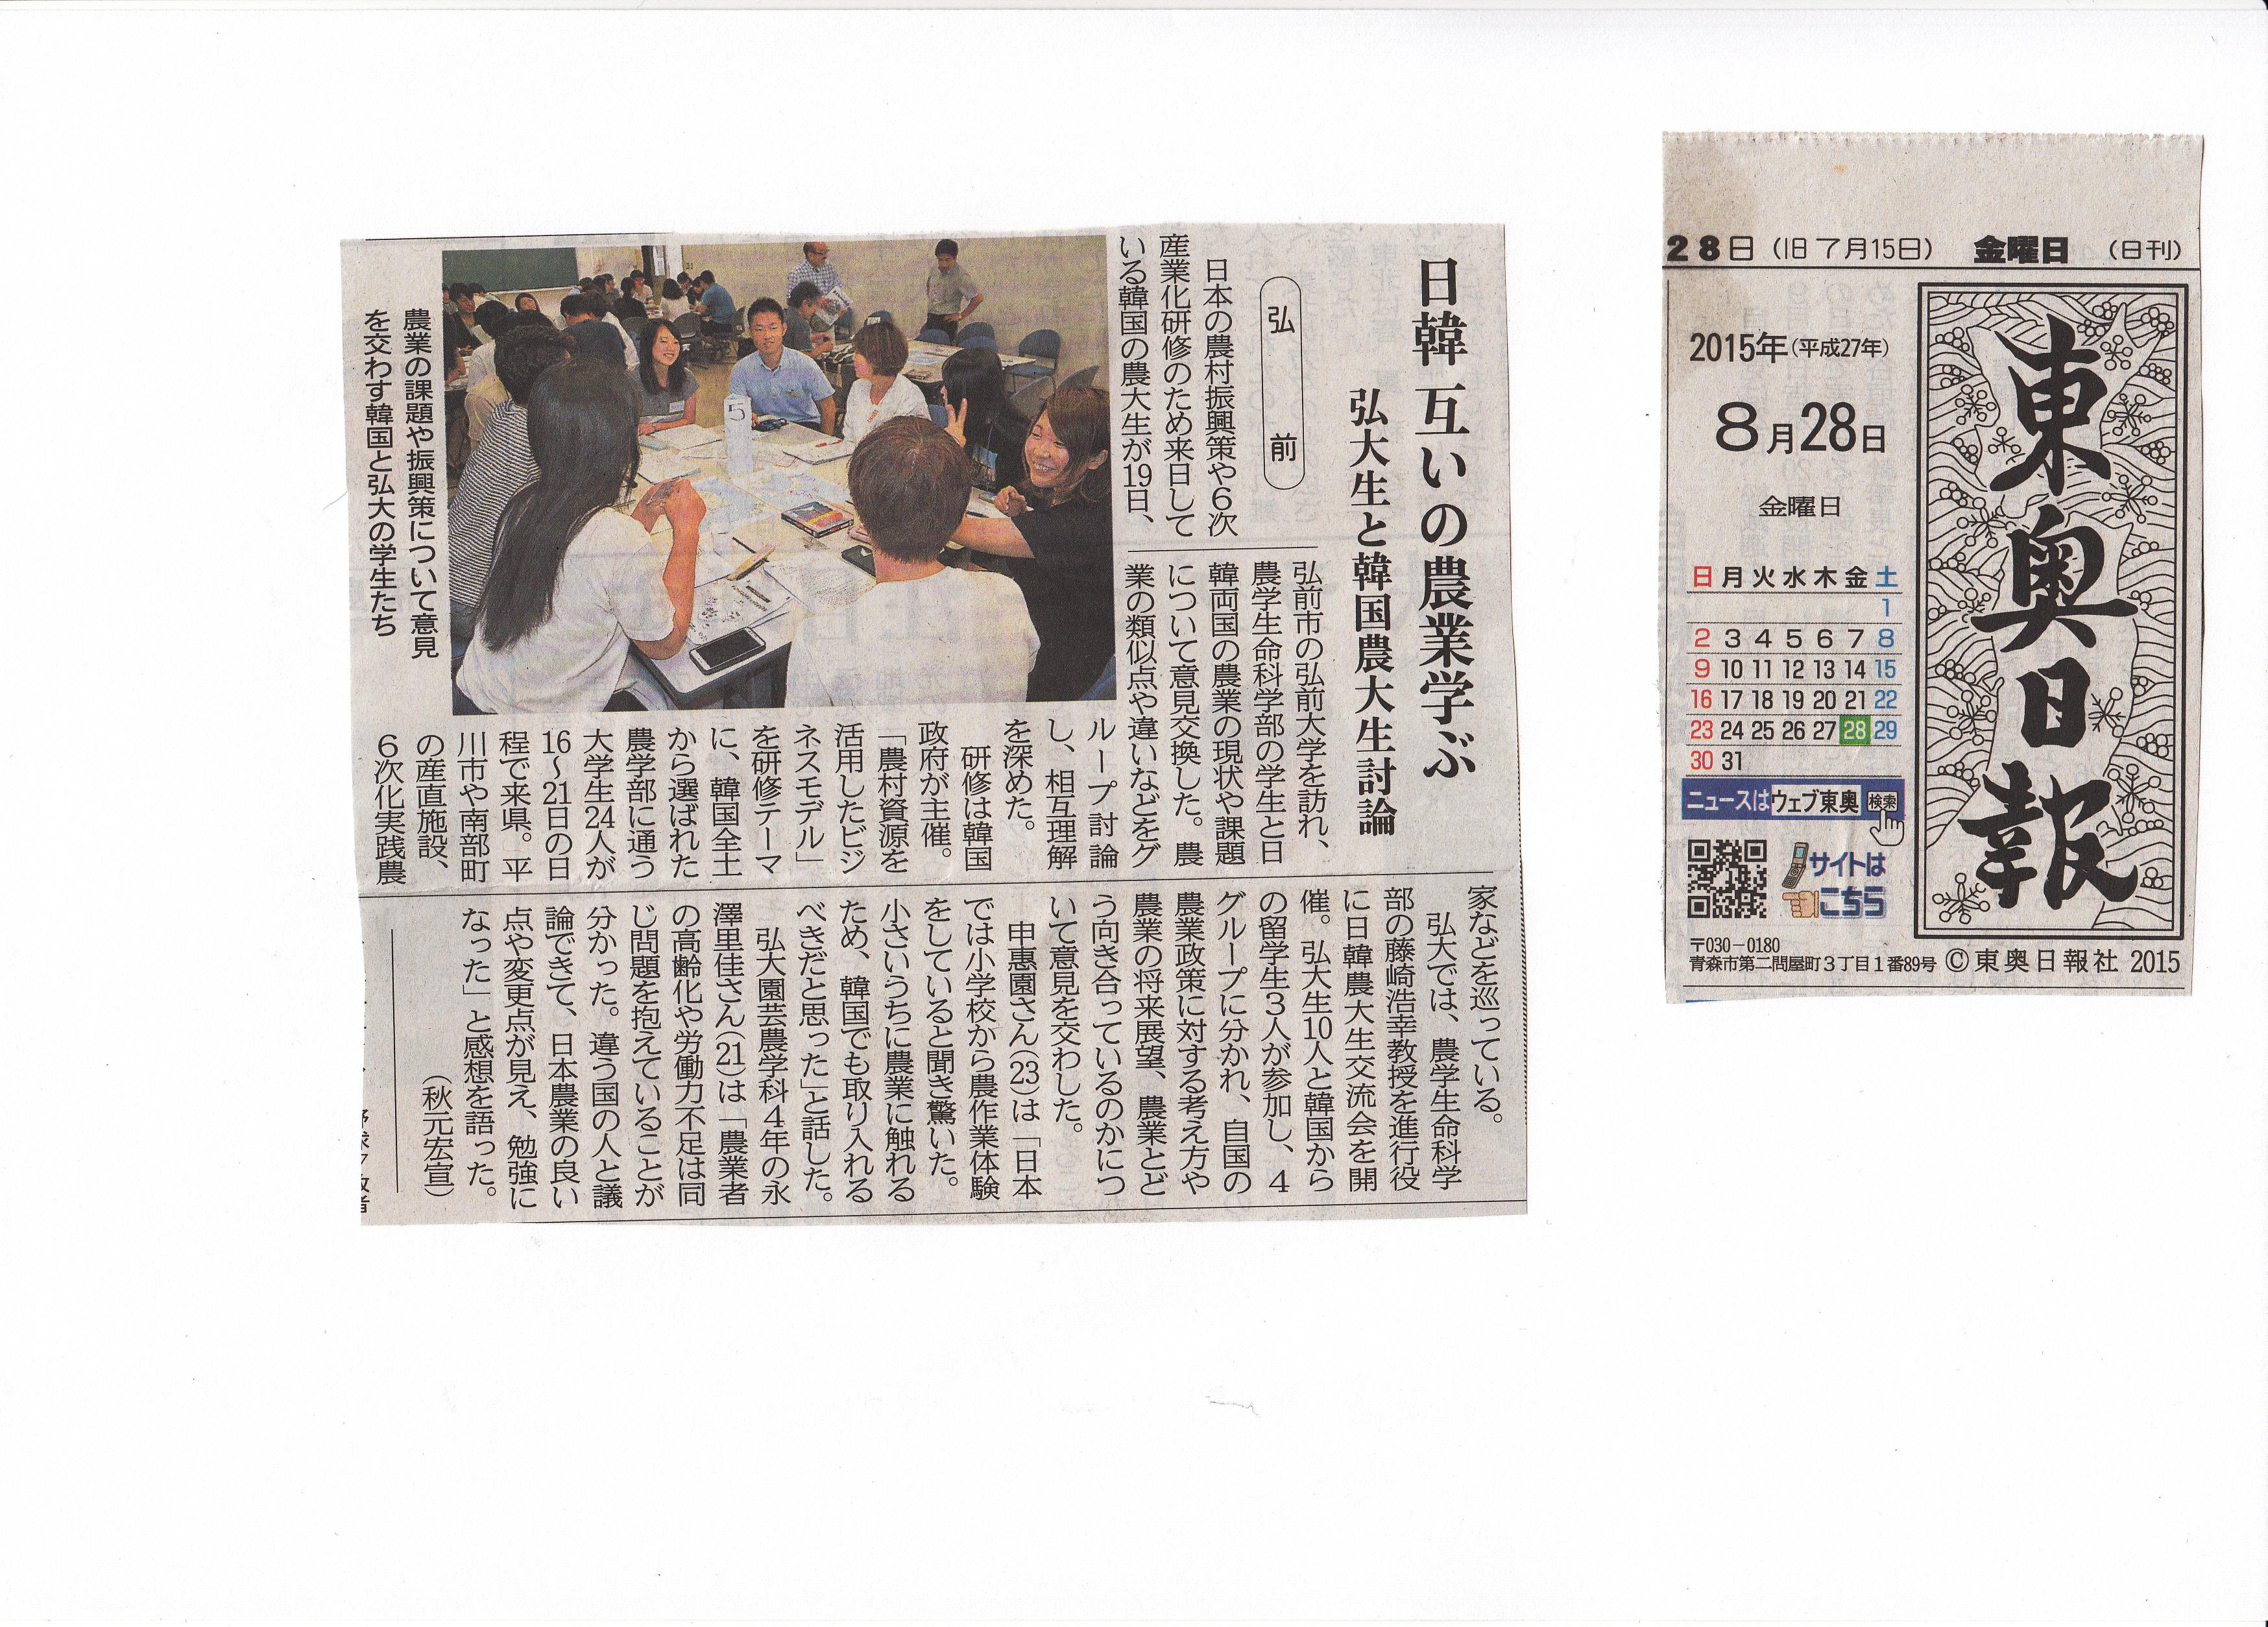 toonipoo-news